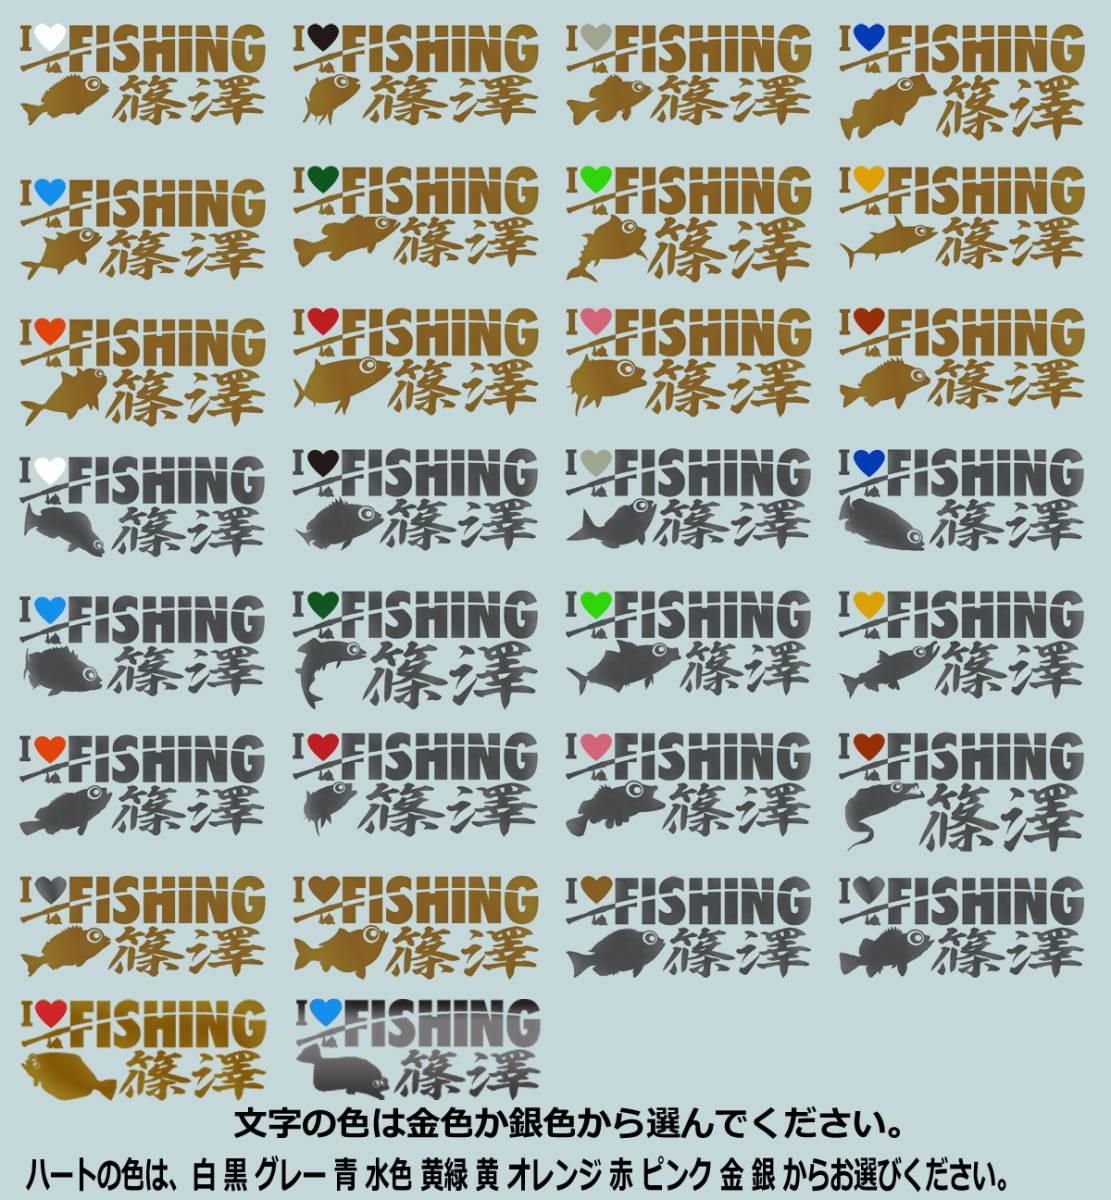 ★アイラブフィッシングステッカー 名前入れます  魚イラスト30種類 金色または銀色 選べる 560_画像6